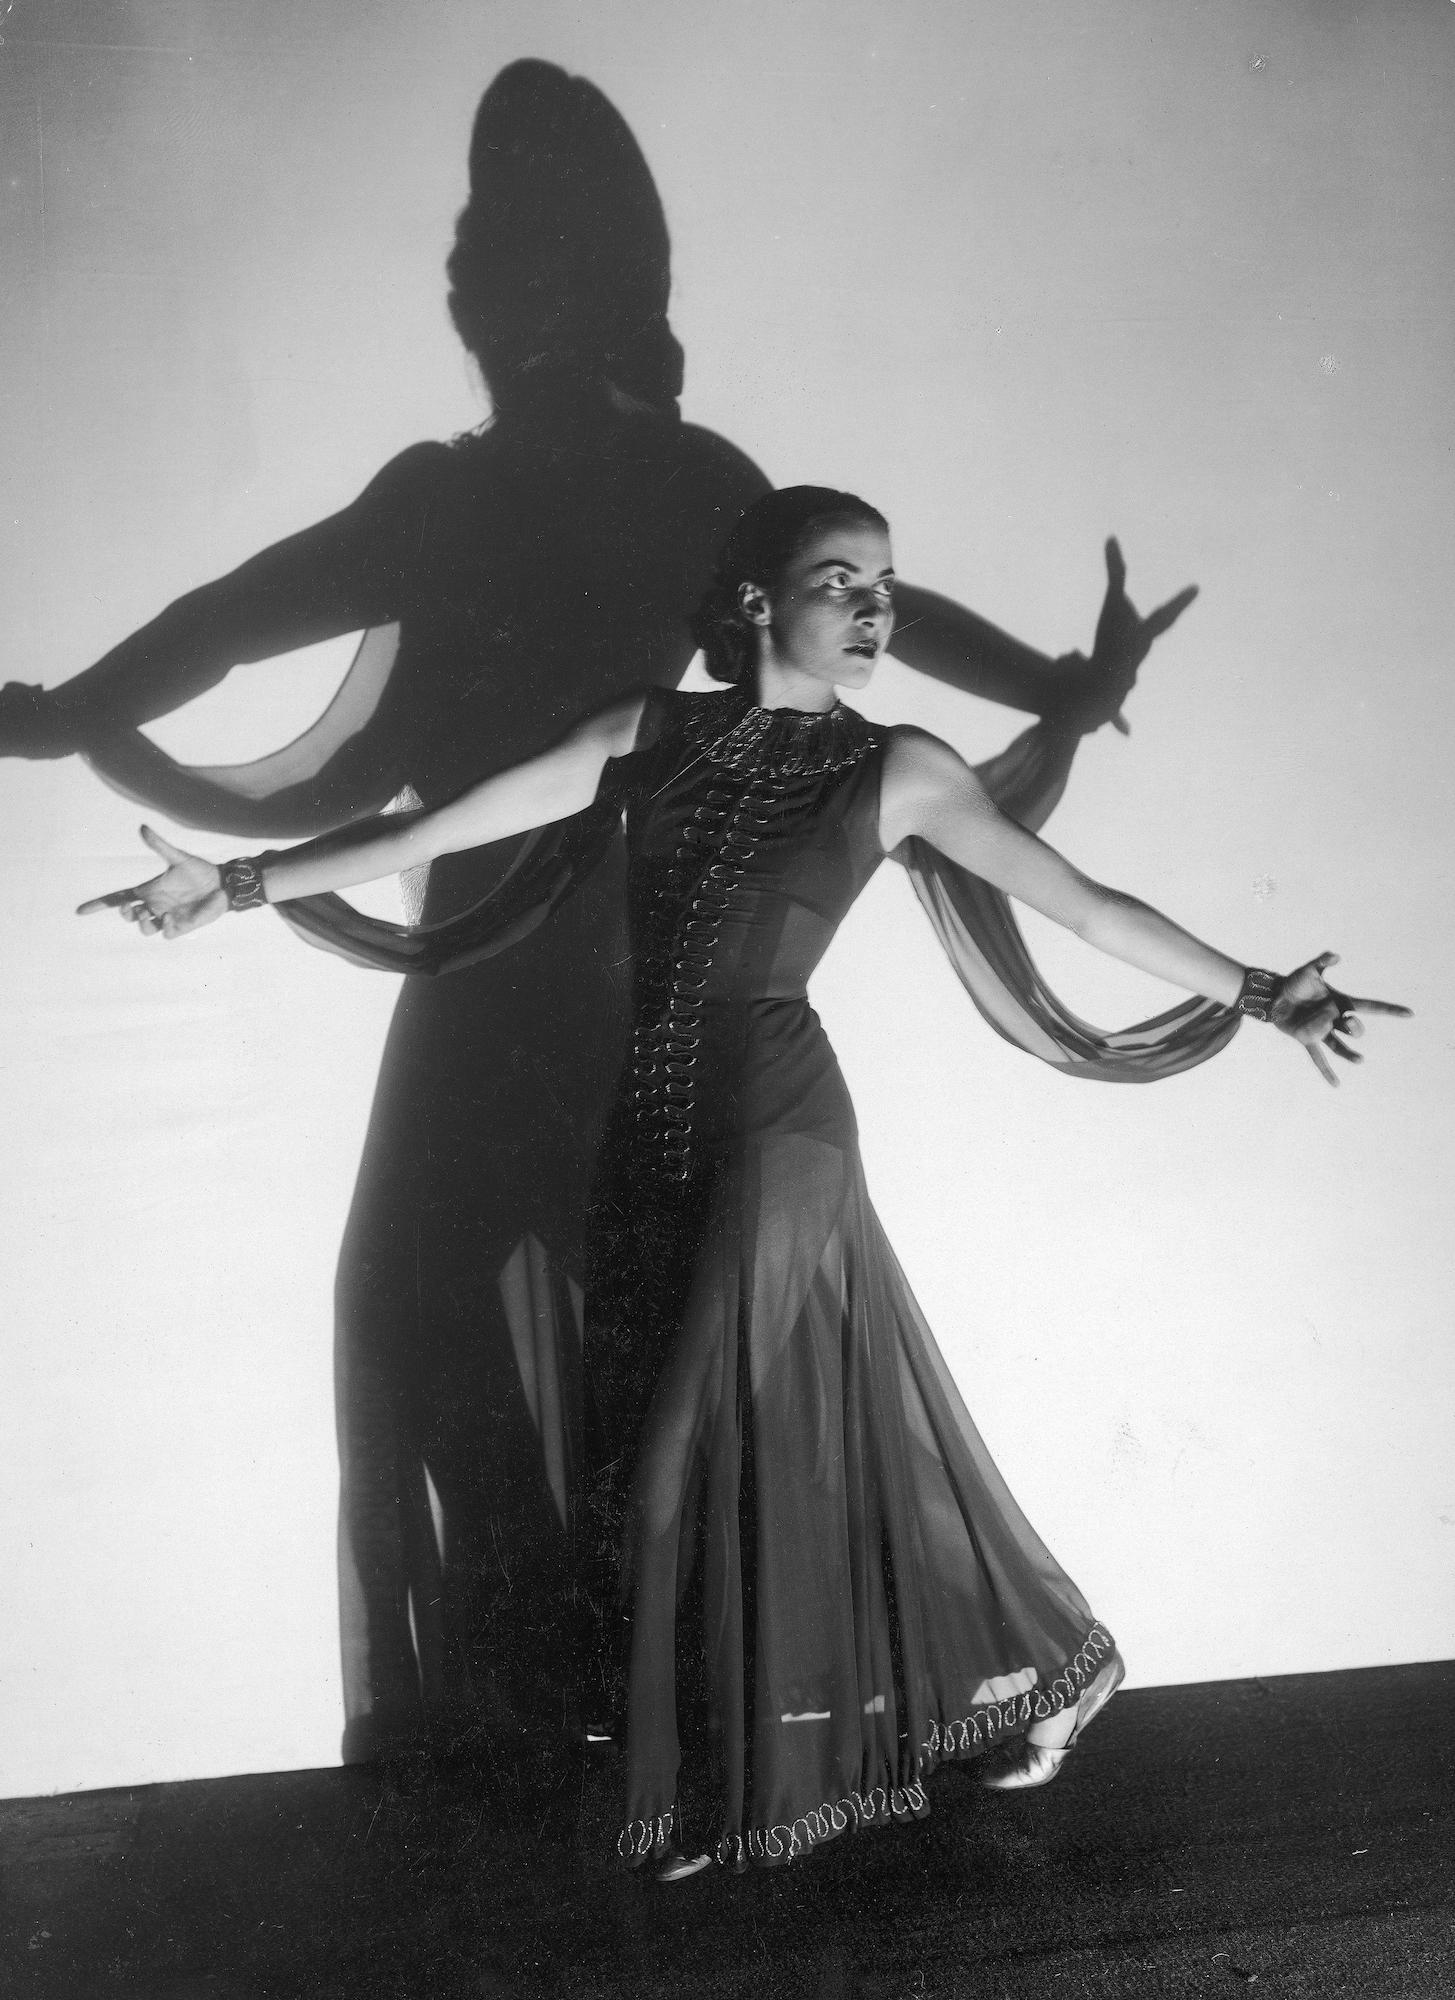 Stefania Grodzieńska, aktorka podczas tańca – fotografia sytuacyjna wykonana w atelier 1937 / fot. Stanisław Brzozowski / Narodowe Archiwum Cyfrowe